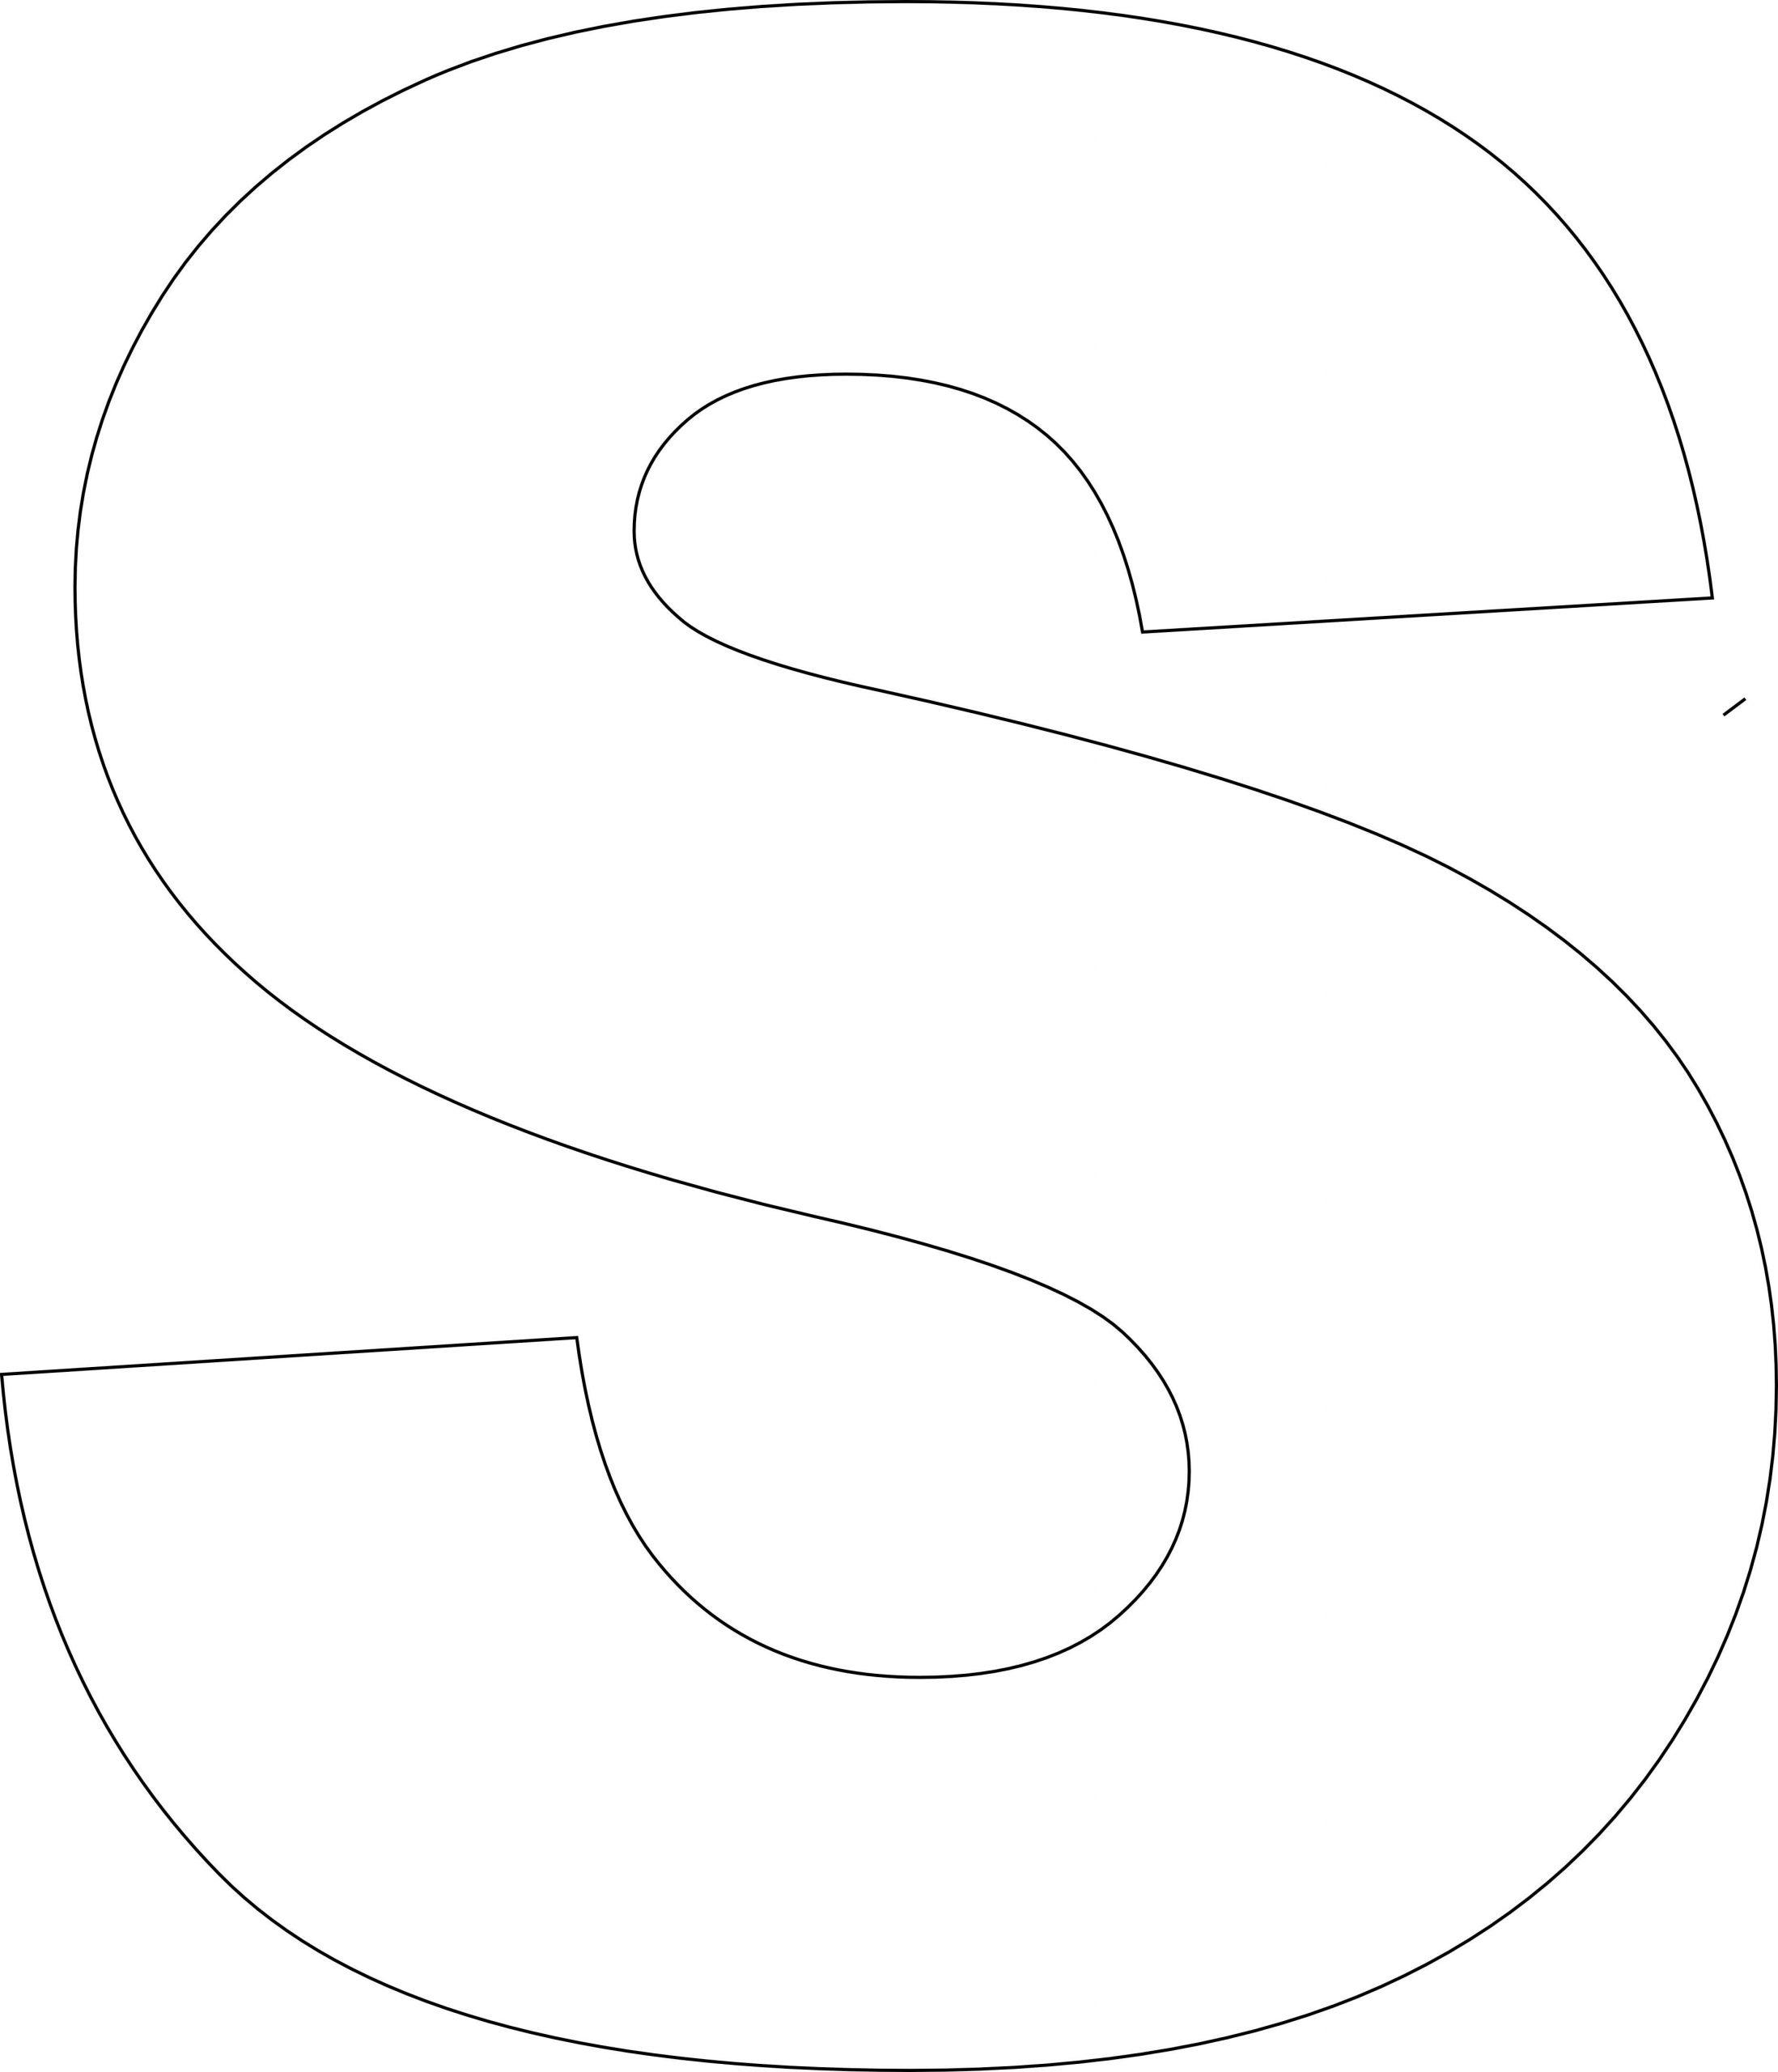 Free Printable Upper Case Alphabet Template | Lettres tout Modele De Lettre Alphabet